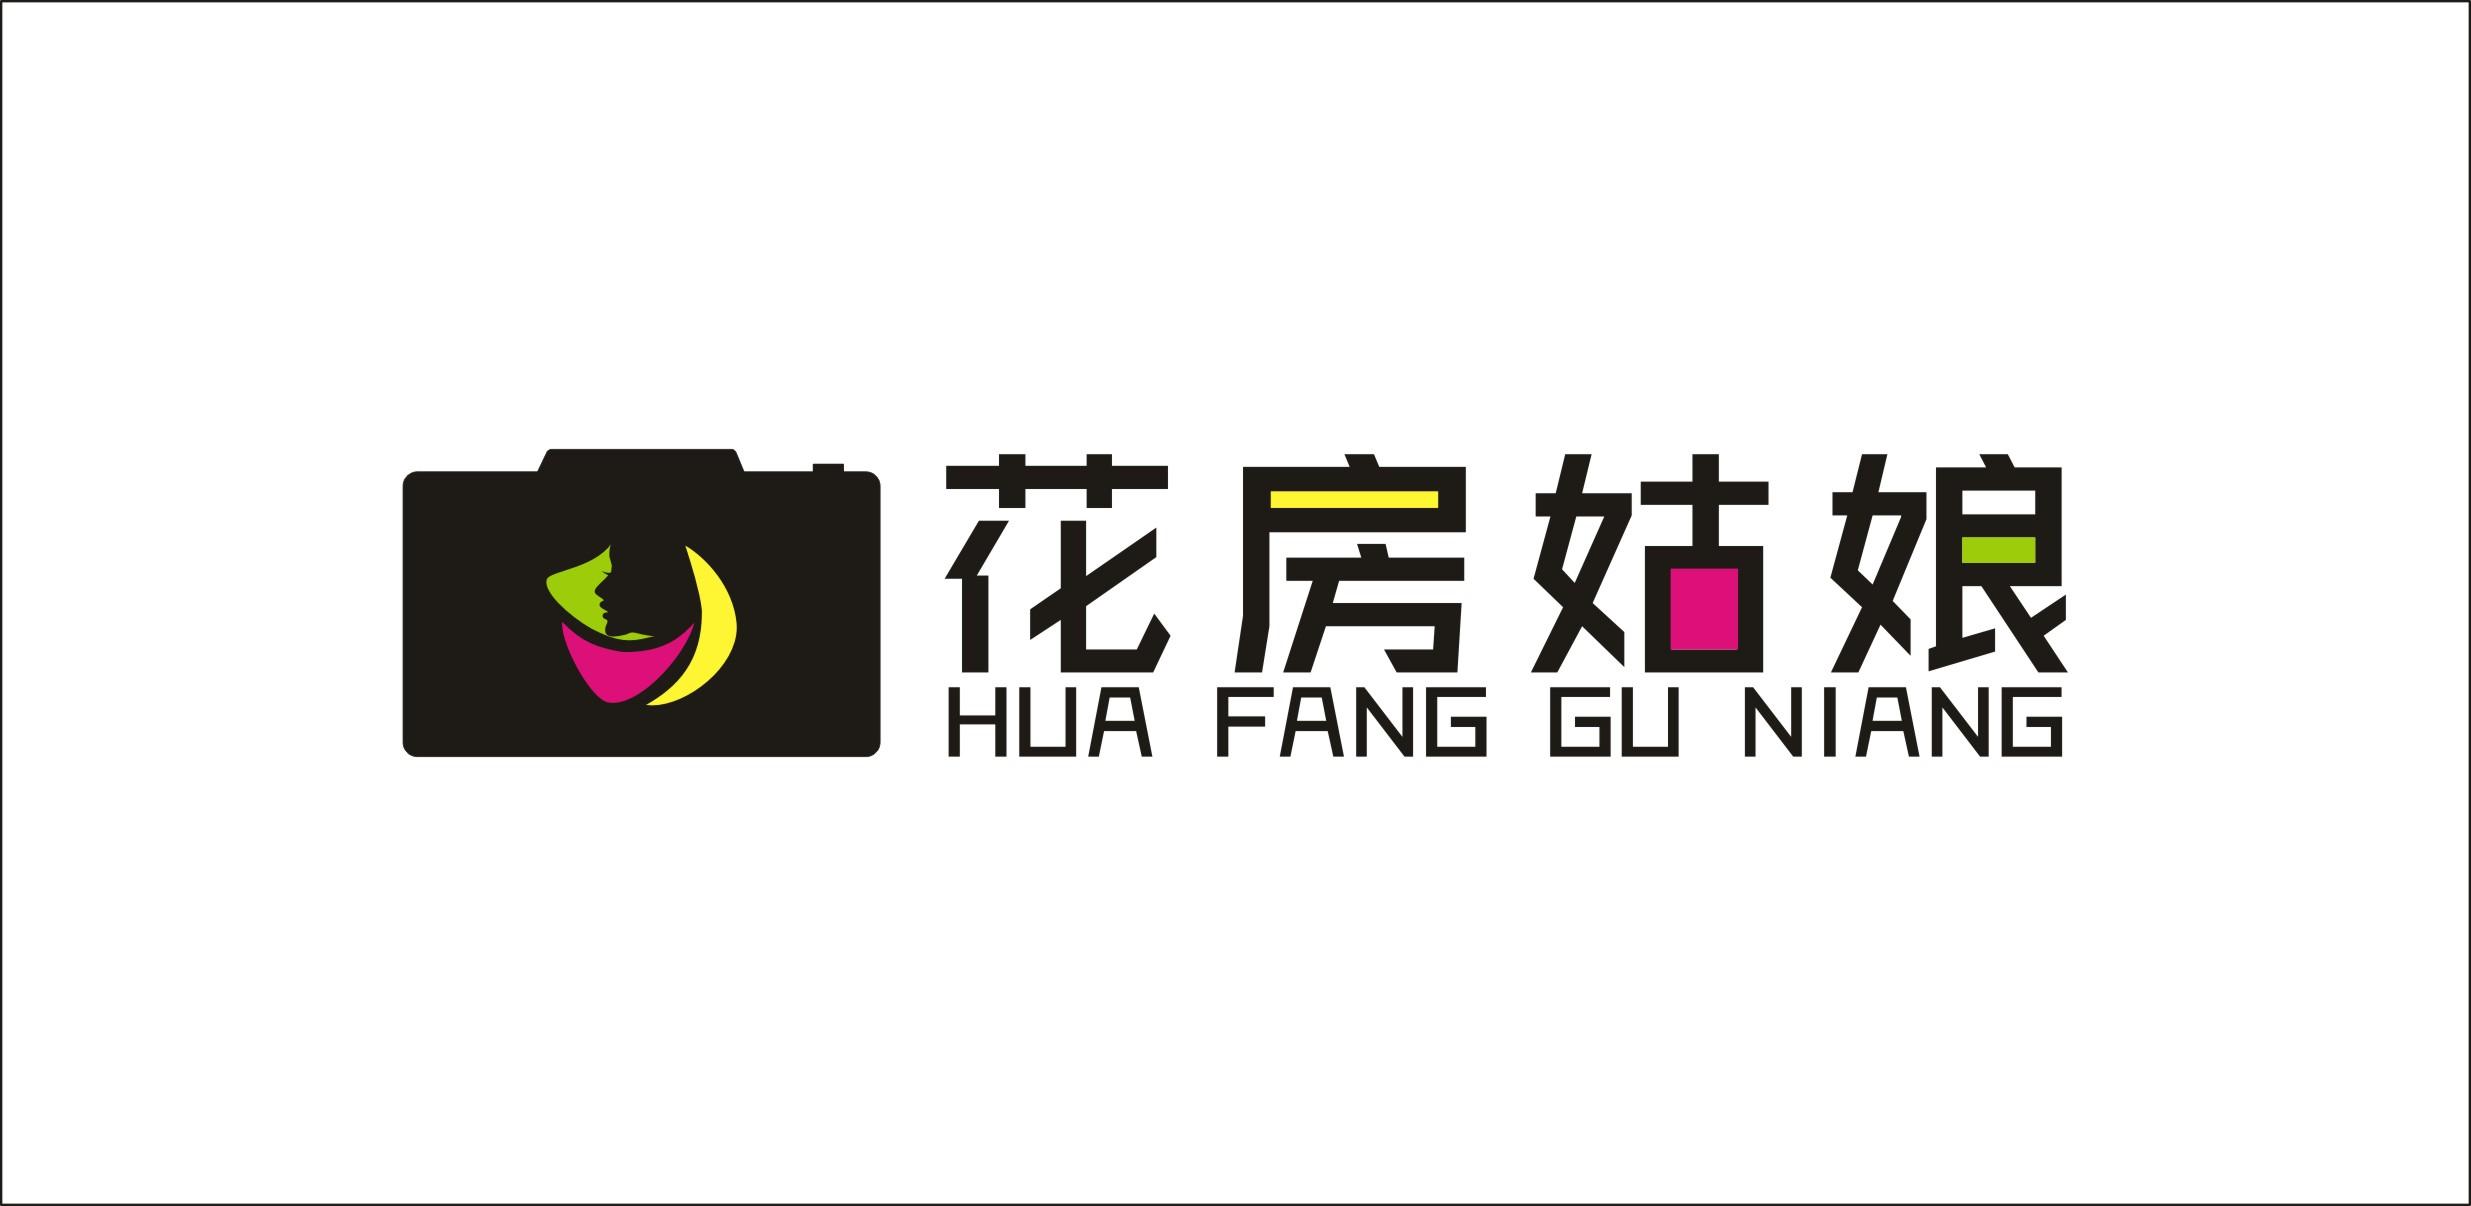 一个摄影写真工作室的logo设计